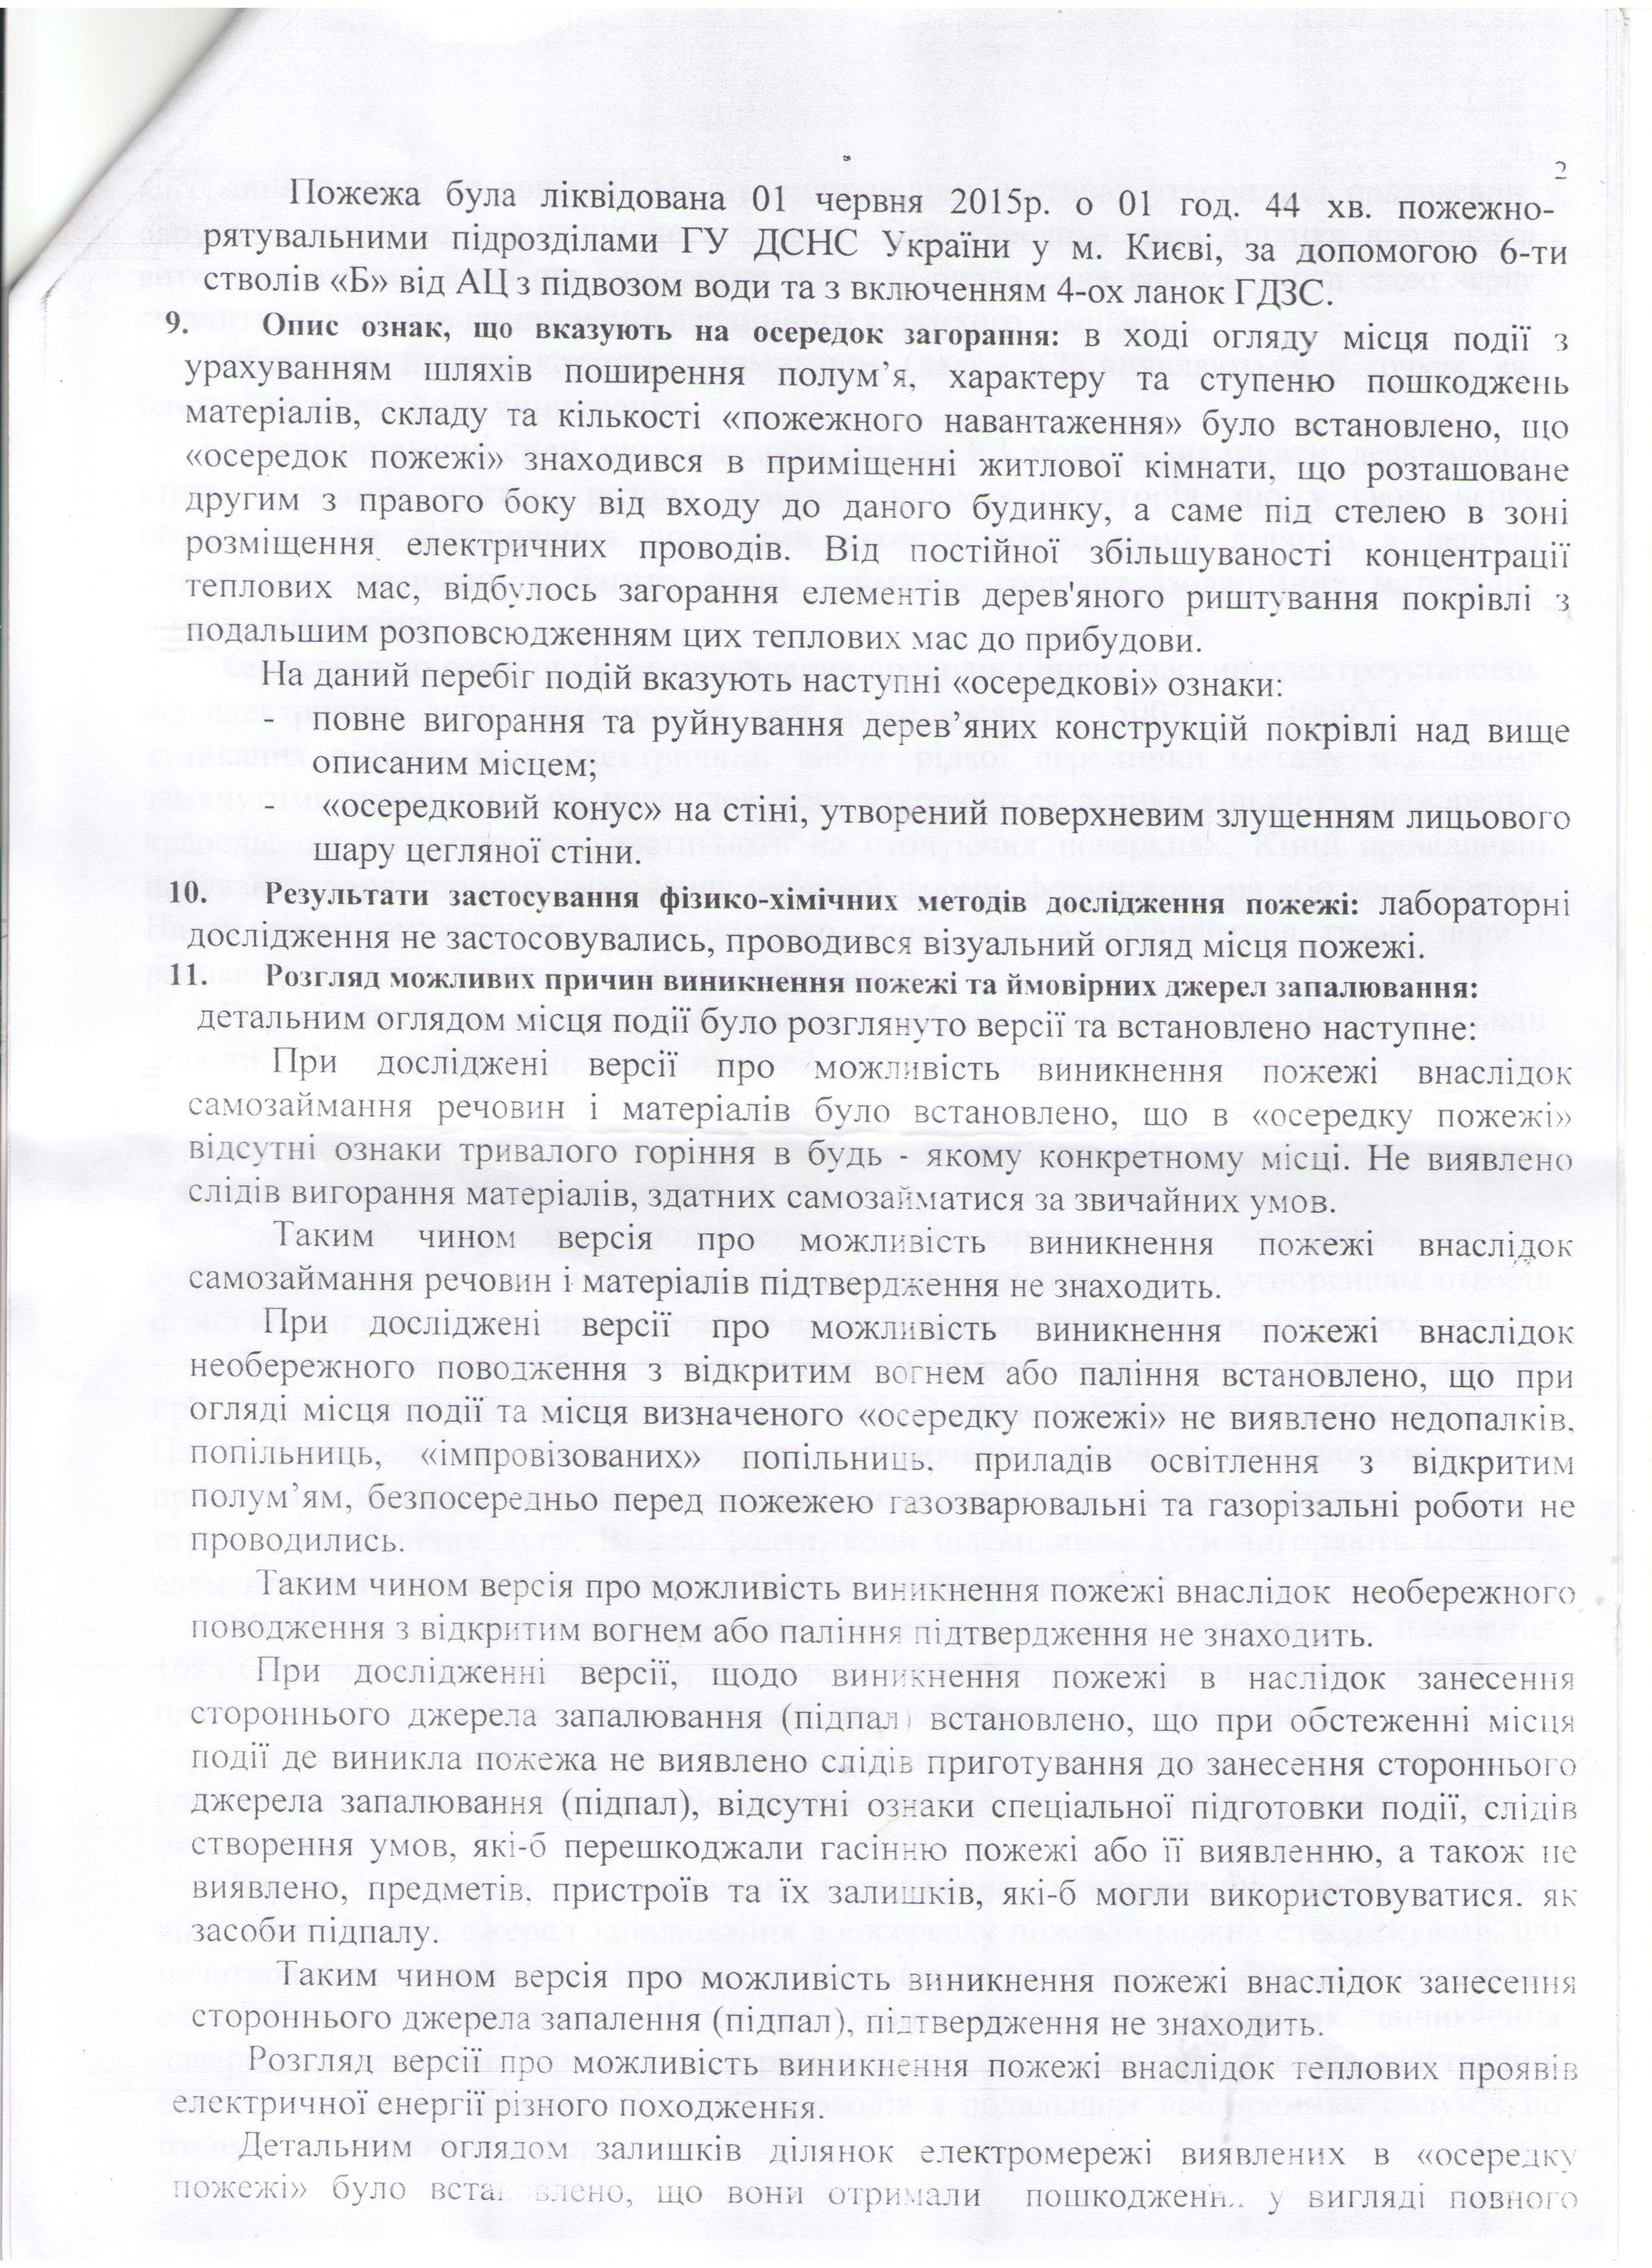 Тех висновок (2ст.)  пожежників по вул Щепкіна,11